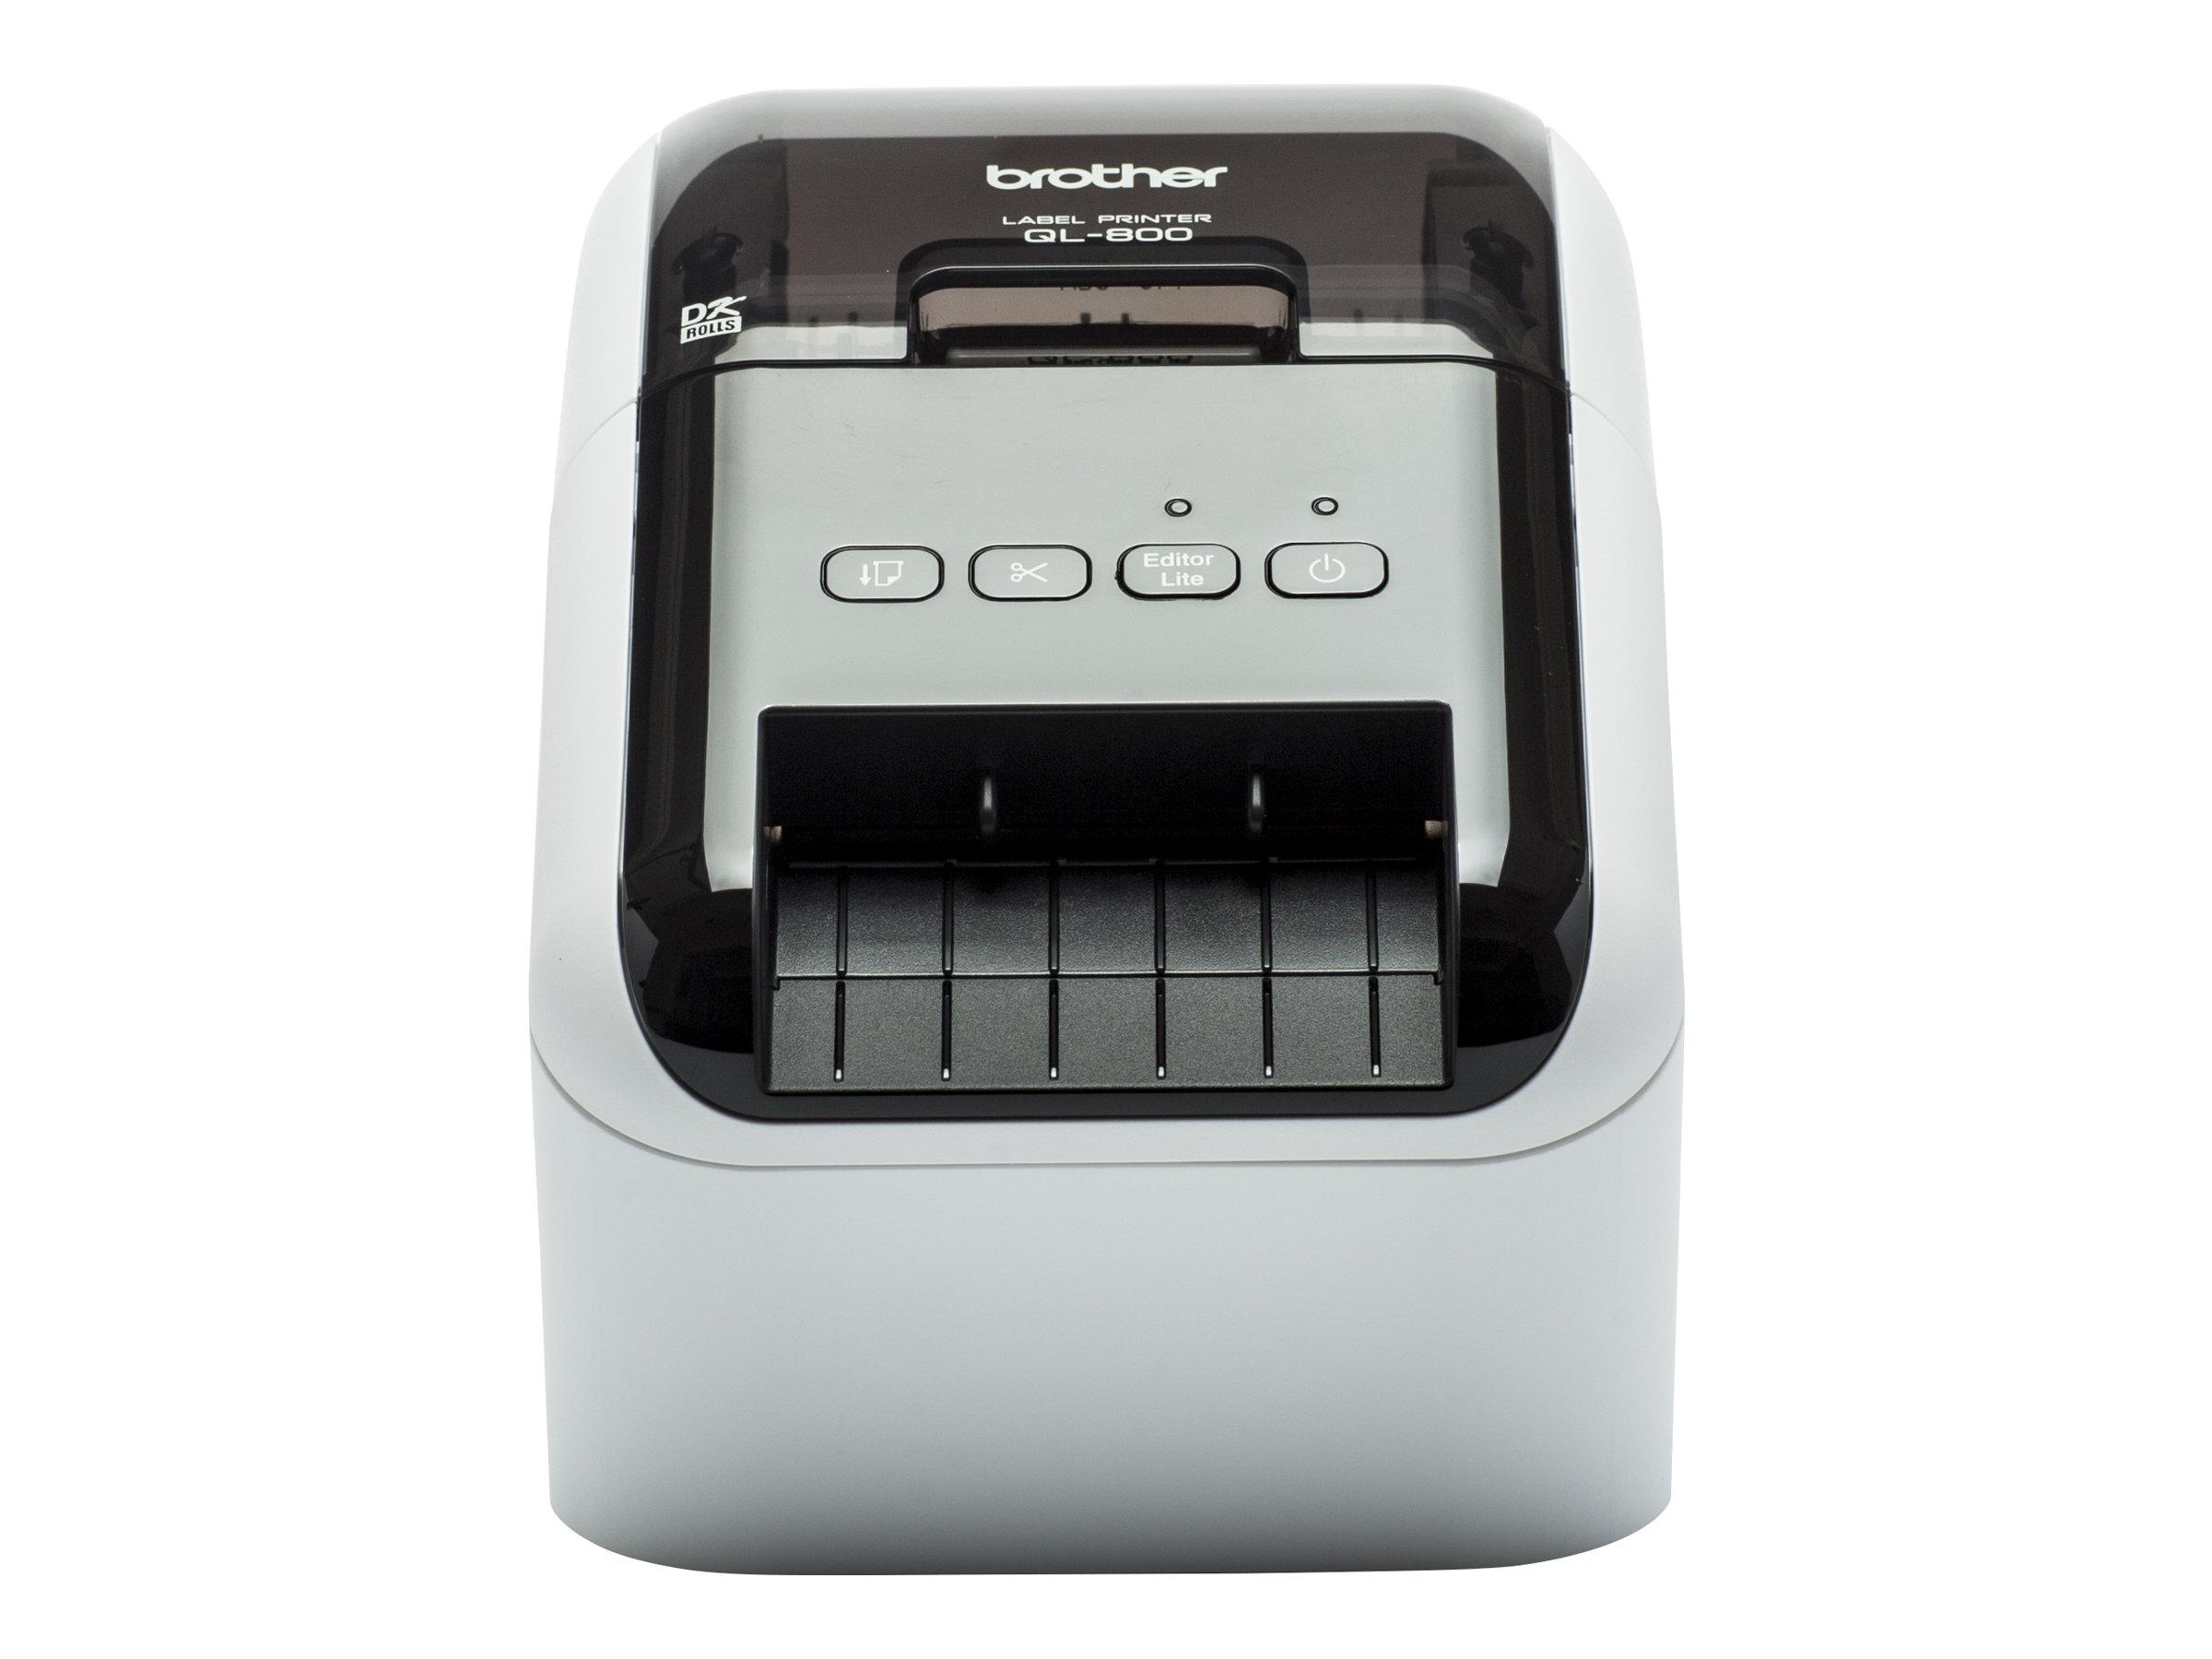 Brother QL-800  -  Étiqueteuse  - imprimante d'étiquettes en rouge et noir  - impression thermique directe